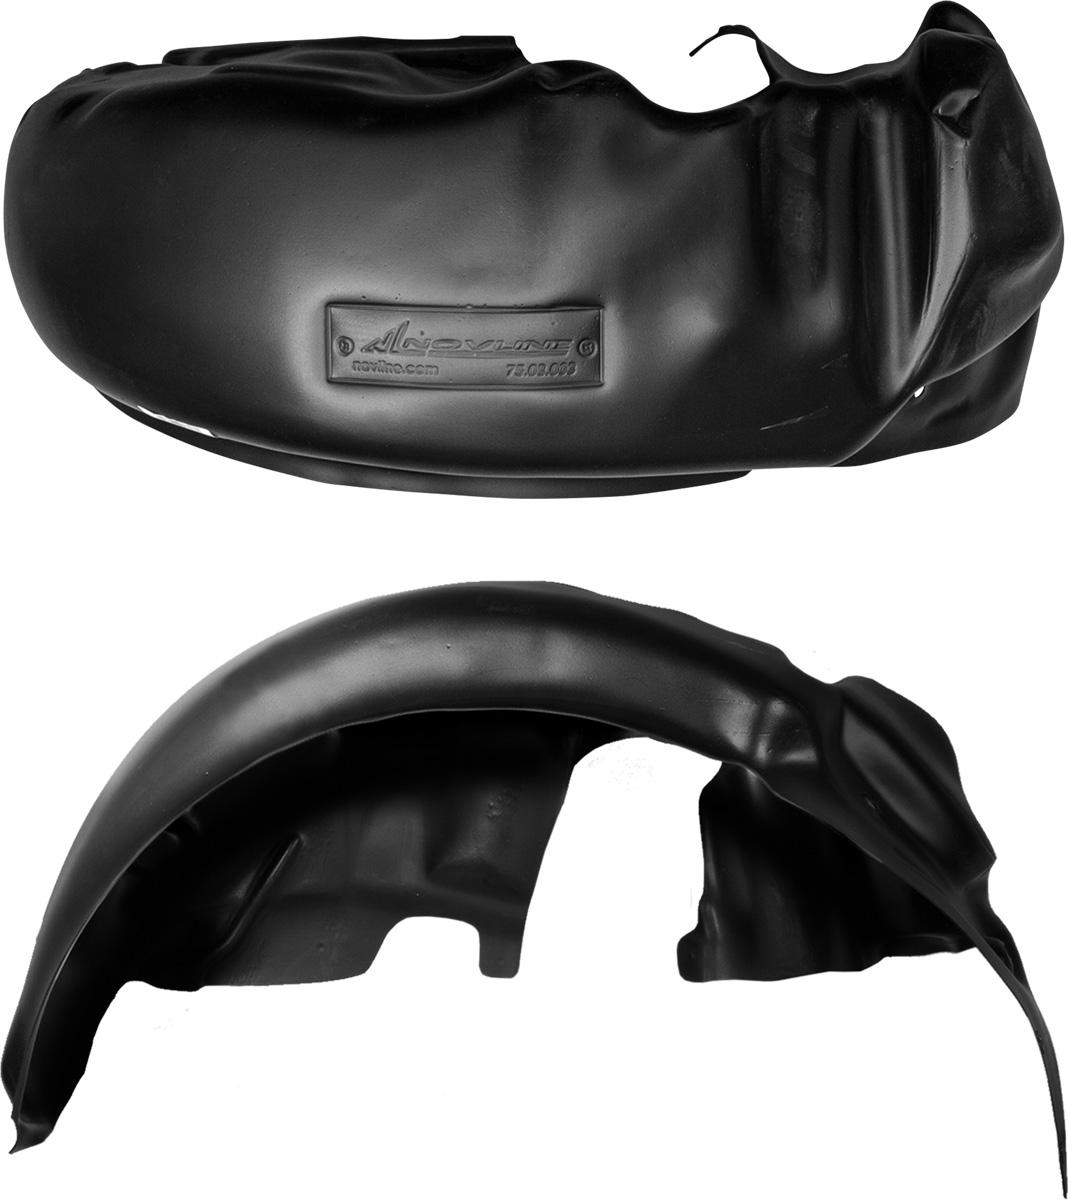 Подкрылок LADA Largus, 2012 ->, передний правыйNLL.52.26.002Колесные ниши – одни из самых уязвимых зон днища вашего автомобиля. Они постоянно подвергаются воздействию со стороны дороги. Лучшая, почти абсолютная защита для них - специально отформованные пластиковые кожухи, которые называются подкрылками, или локерами. Производятся они как для отечественных моделей автомобилей, так и для иномарок. Подкрылки выполнены из высококачественного, экологически чистого пластика. Обеспечивают надежную защиту кузова автомобиля от пескоструйного эффекта и негативного влияния, агрессивных антигололедных реагентов. Пластик обладает более низкой теплопроводностью, чем металл, поэтому в зимний период эксплуатации использование пластиковых подкрылков позволяет лучше защитить колесные ниши от налипания снега и образования наледи. Оригинальность конструкции подчеркивает элегантность автомобиля, бережно защищает нанесенное на днище кузова антикоррозийное покрытие и позволяет осуществить крепление подкрылков внутри колесной арки практически без дополнительного крепежа и сверления, не нарушая при этом лакокрасочного покрытия, что предотвращает возникновение новых очагов коррозии. Технология крепления подкрылков на иномарки принципиально отличается от крепления на российские автомобили и разрабатывается индивидуально для каждой модели автомобиля. Подкрылки долговечны, обладают высокой прочностью и сохраняют заданную форму, а также все свои физико-механические характеристики в самых тяжелых климатических условиях ( от -50° С до + 50° С).